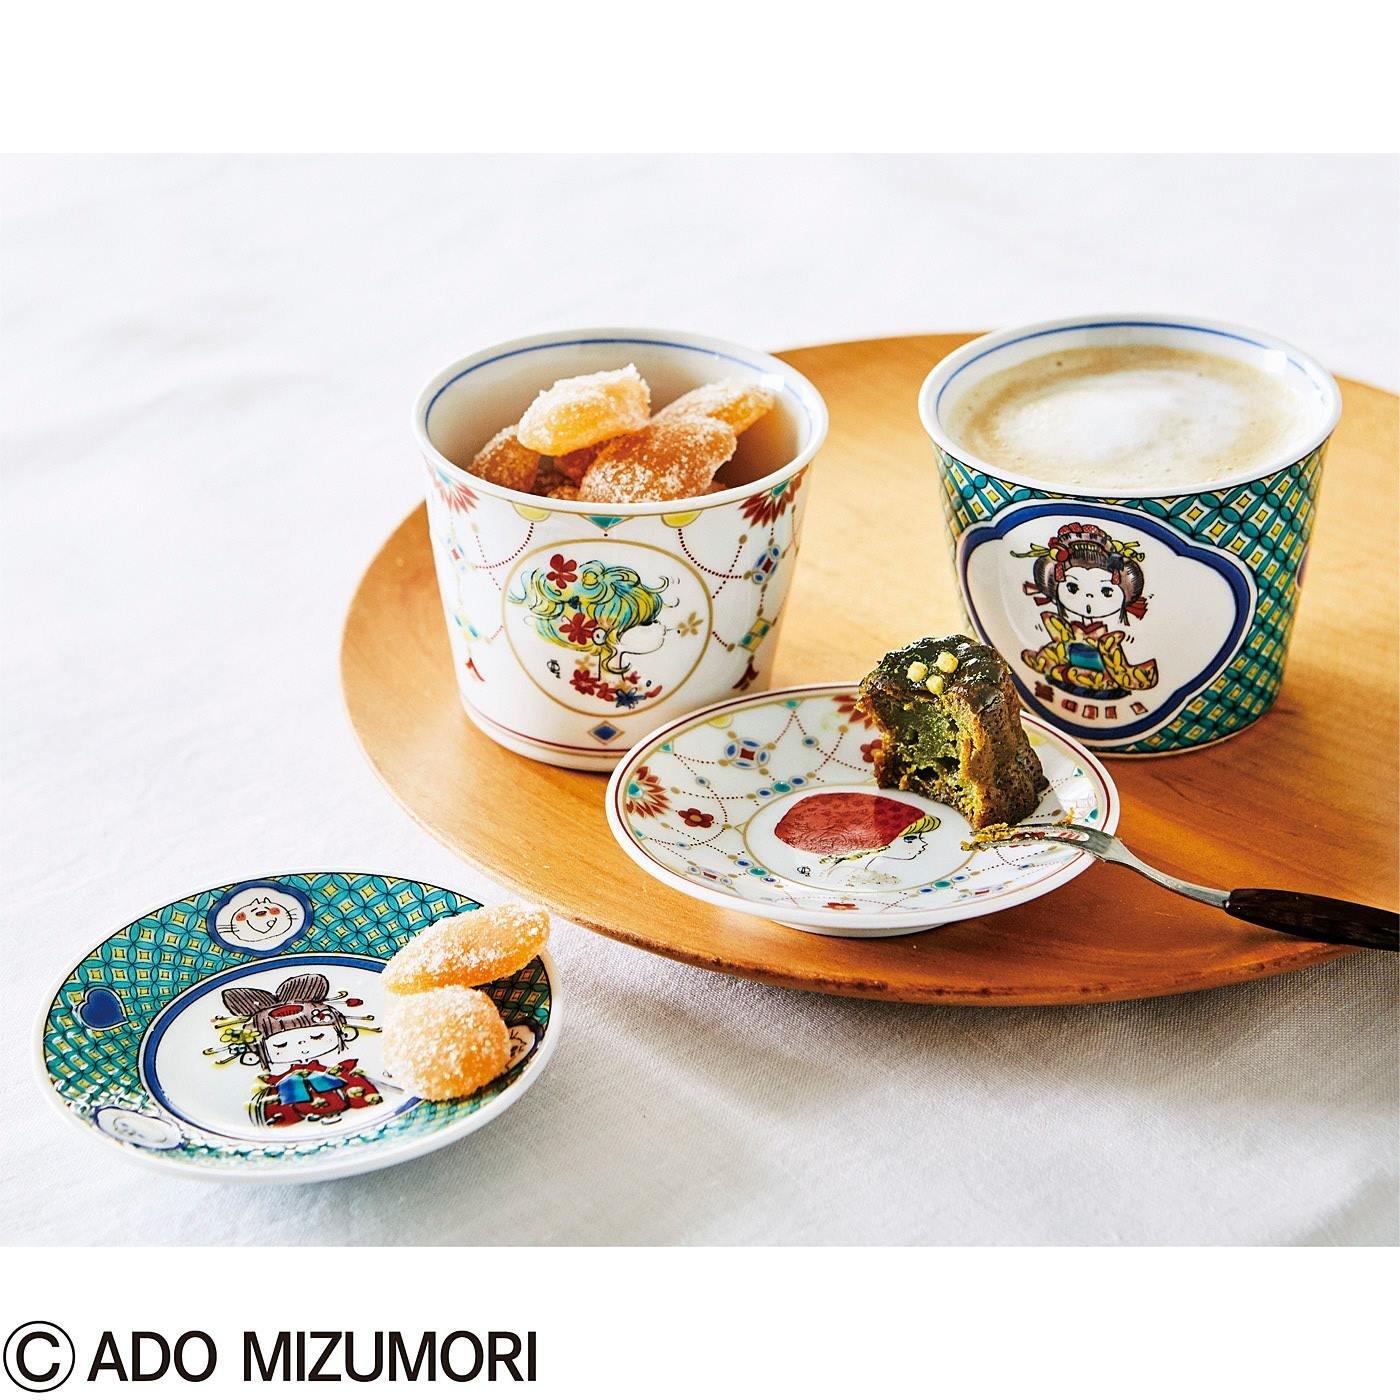 水森亜土 モダンな表情の九谷焼きセット